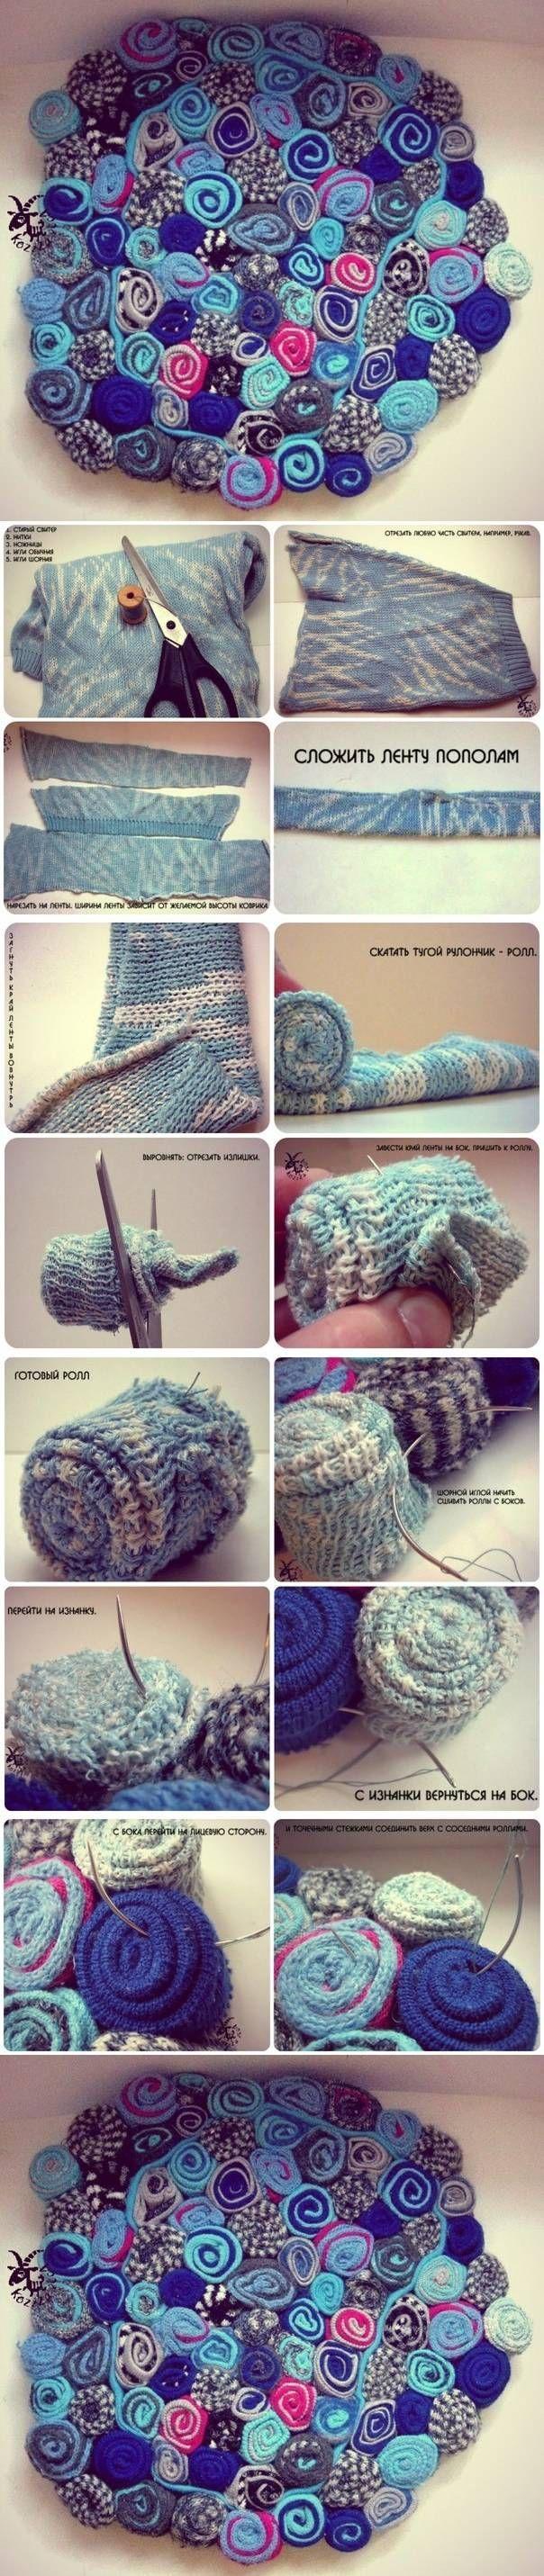 DIY-Old-Sweater-Rug.jpg 604×2.862 piksel